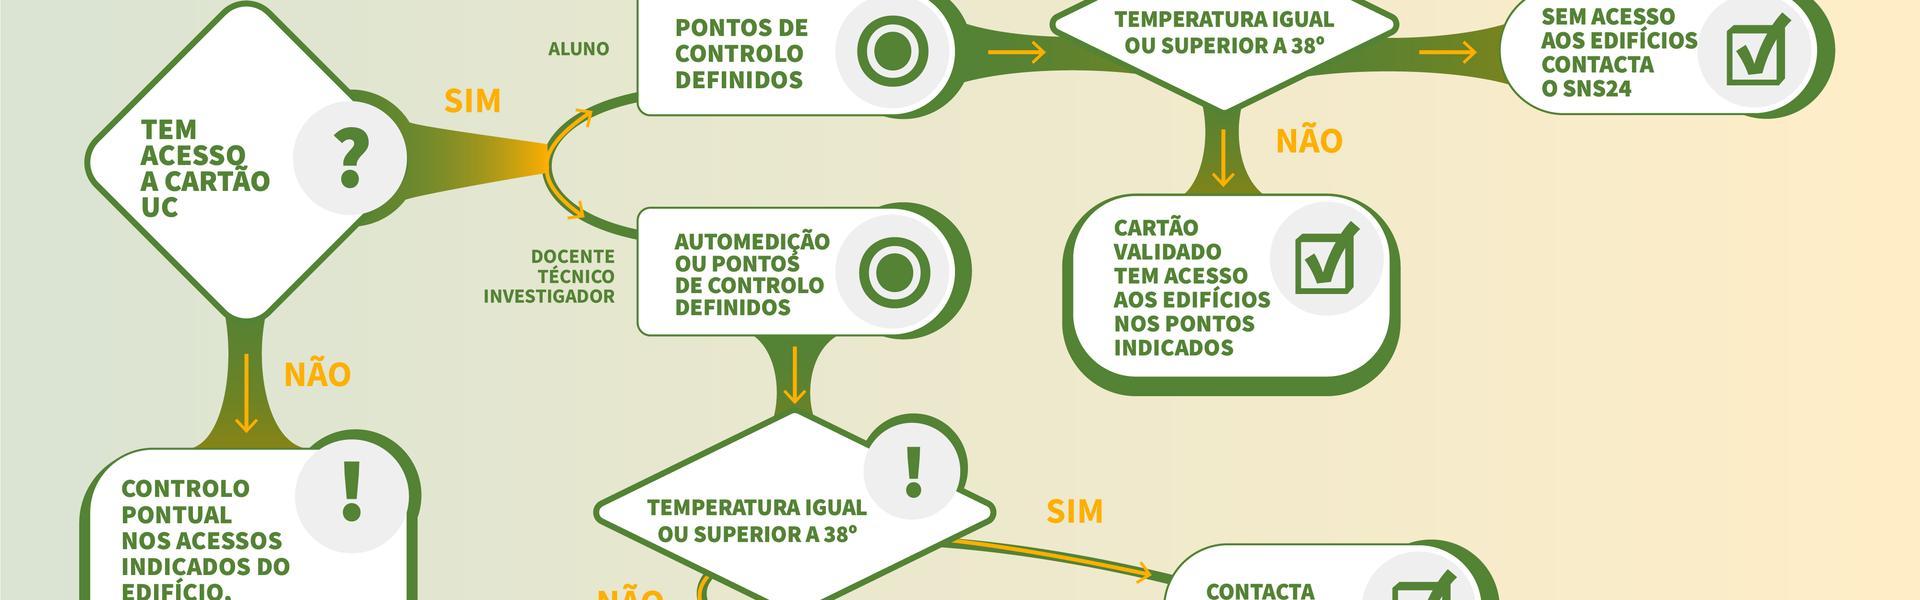 Cartão de Estudante para acesso a edifícios da UC e controlo de temperatura